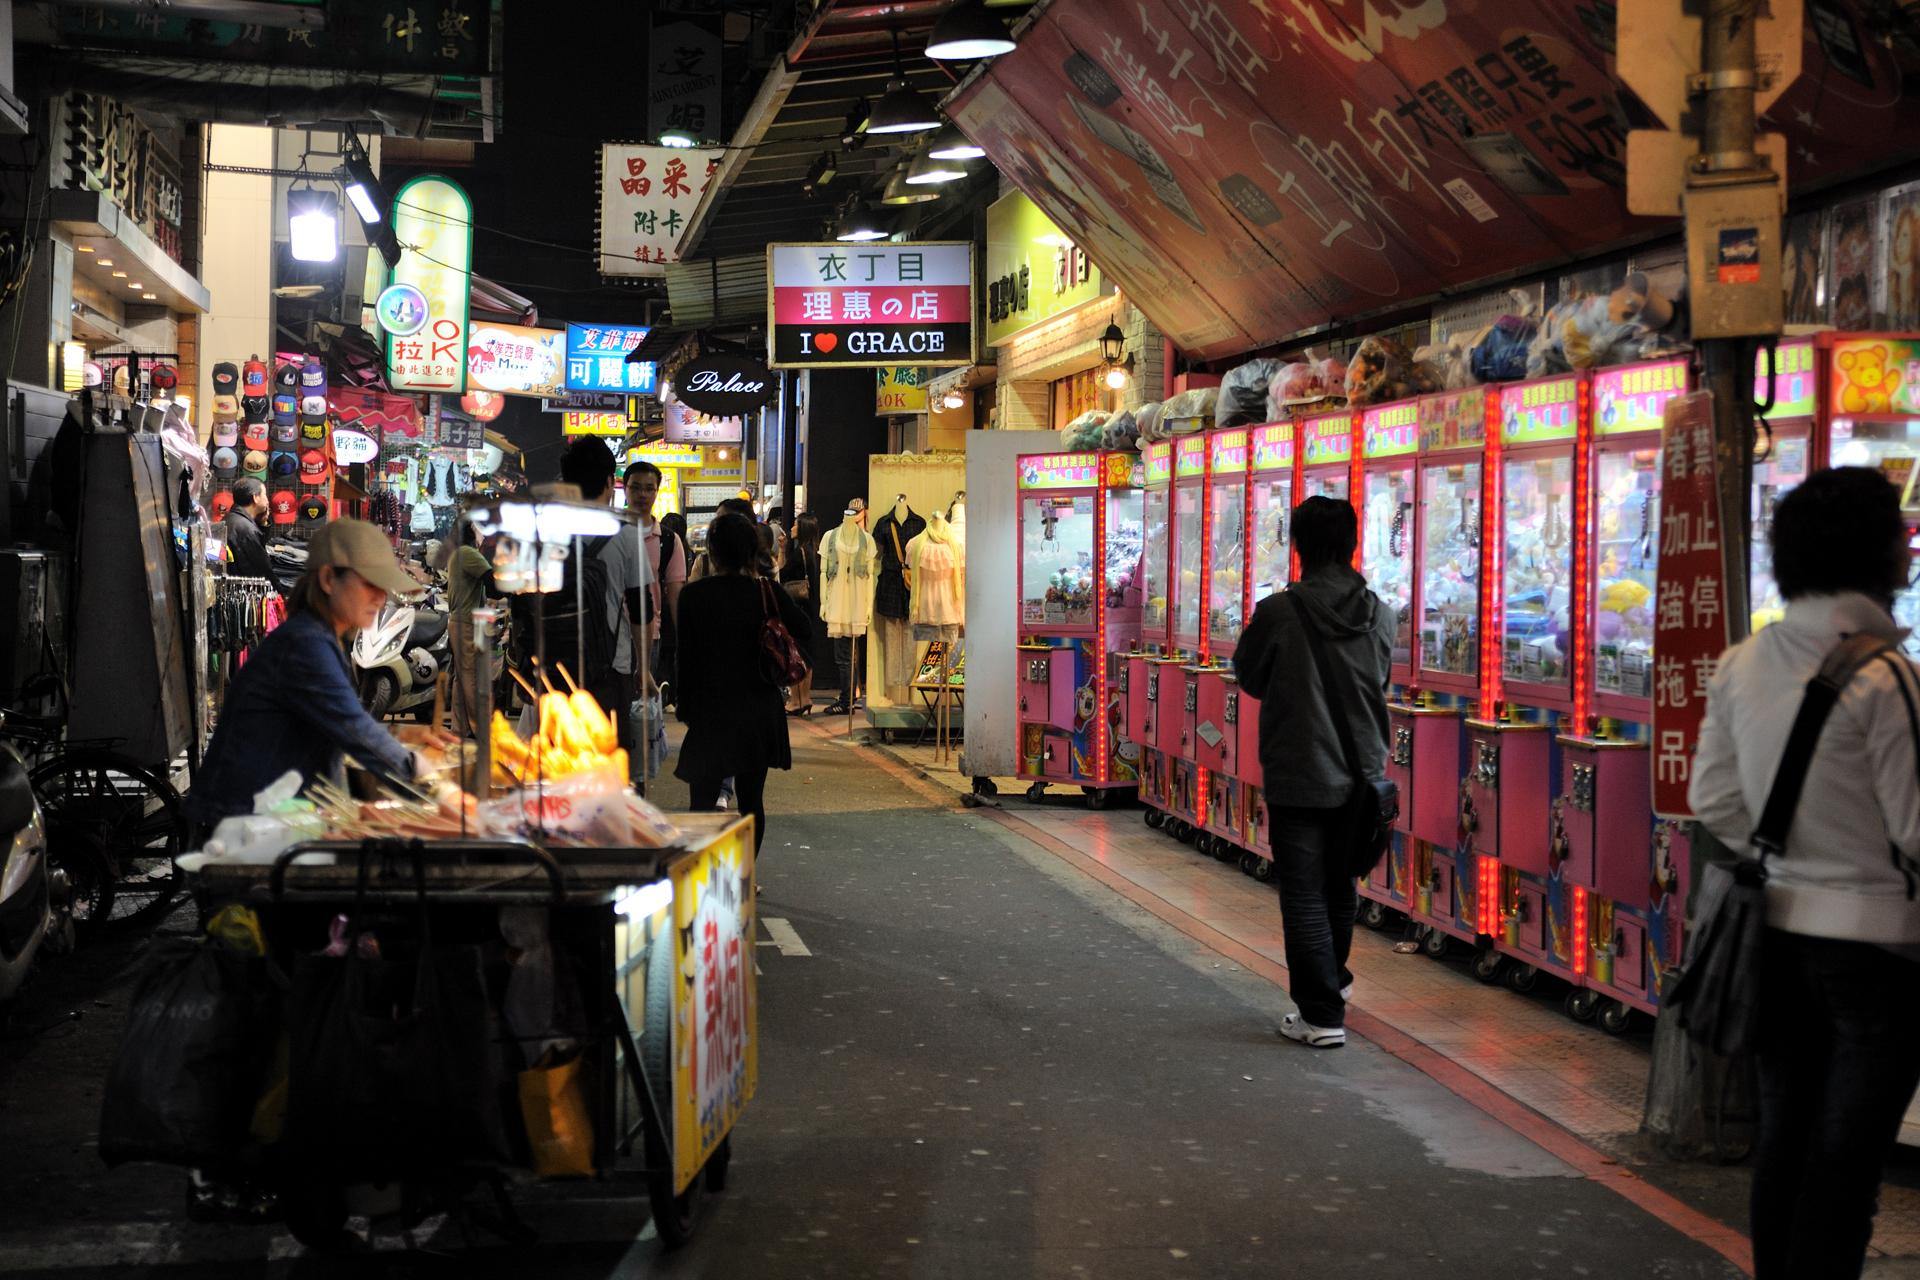 台湾の人に聞いたところ、台湾は昼熱いので、夜に出歩く夜行性の人が多いそ... 萌え系総合センター